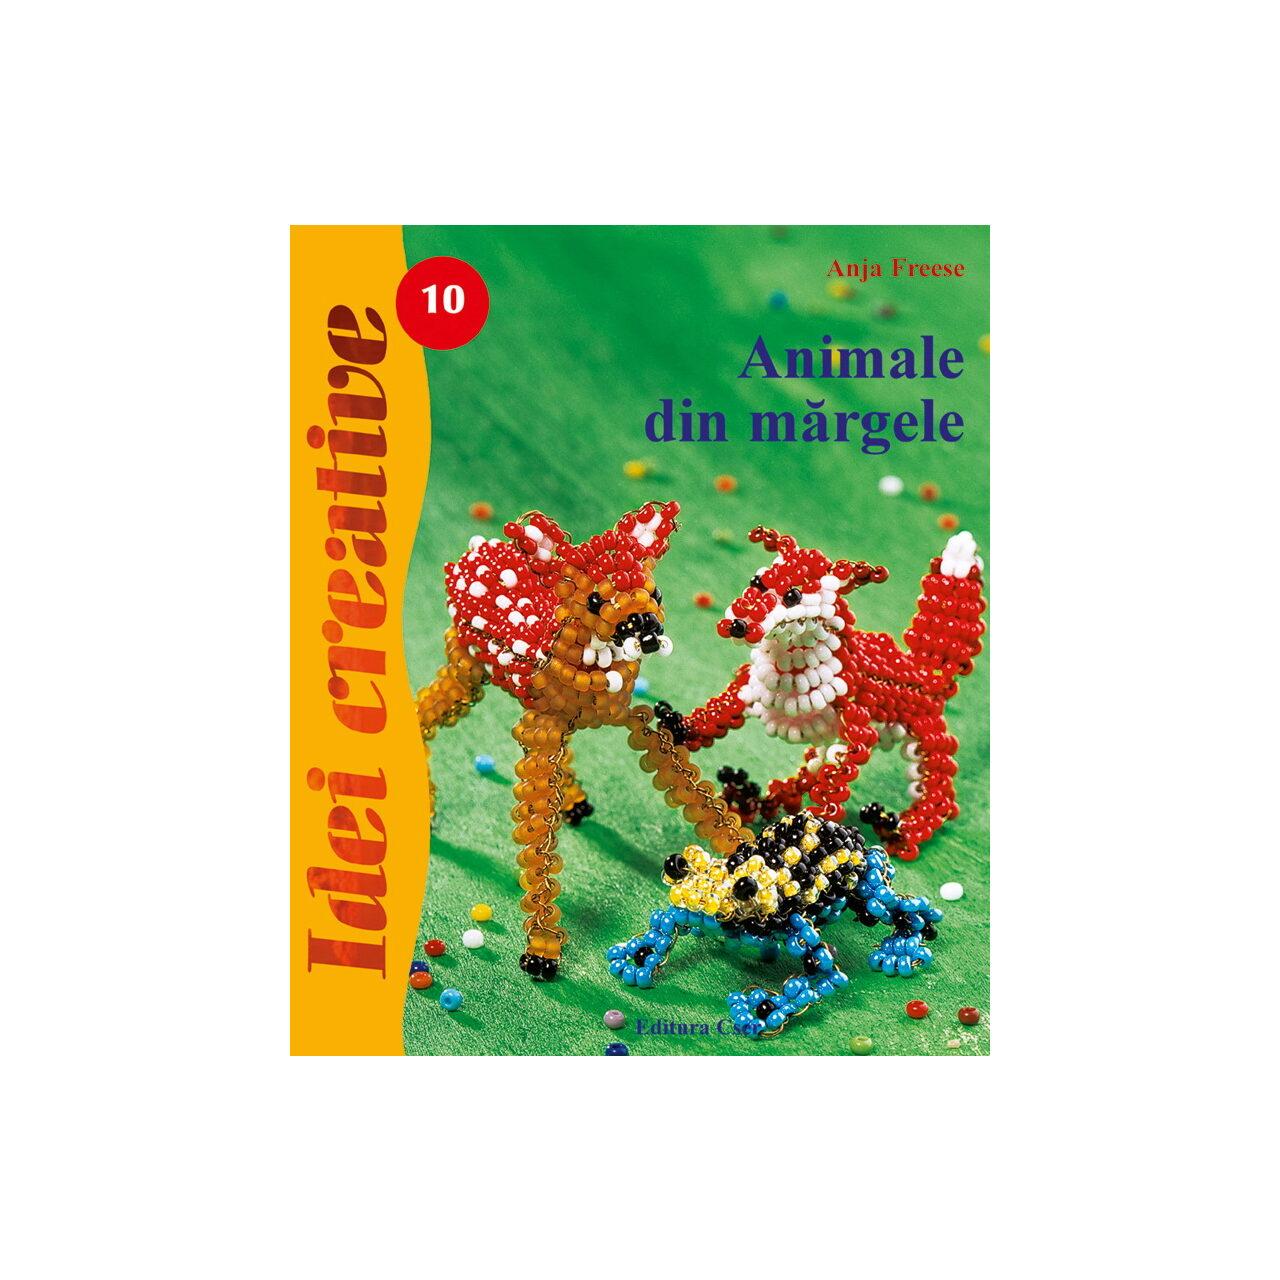 Animale din mărgele - Idei Creative 10 imagine edituracasa.ro